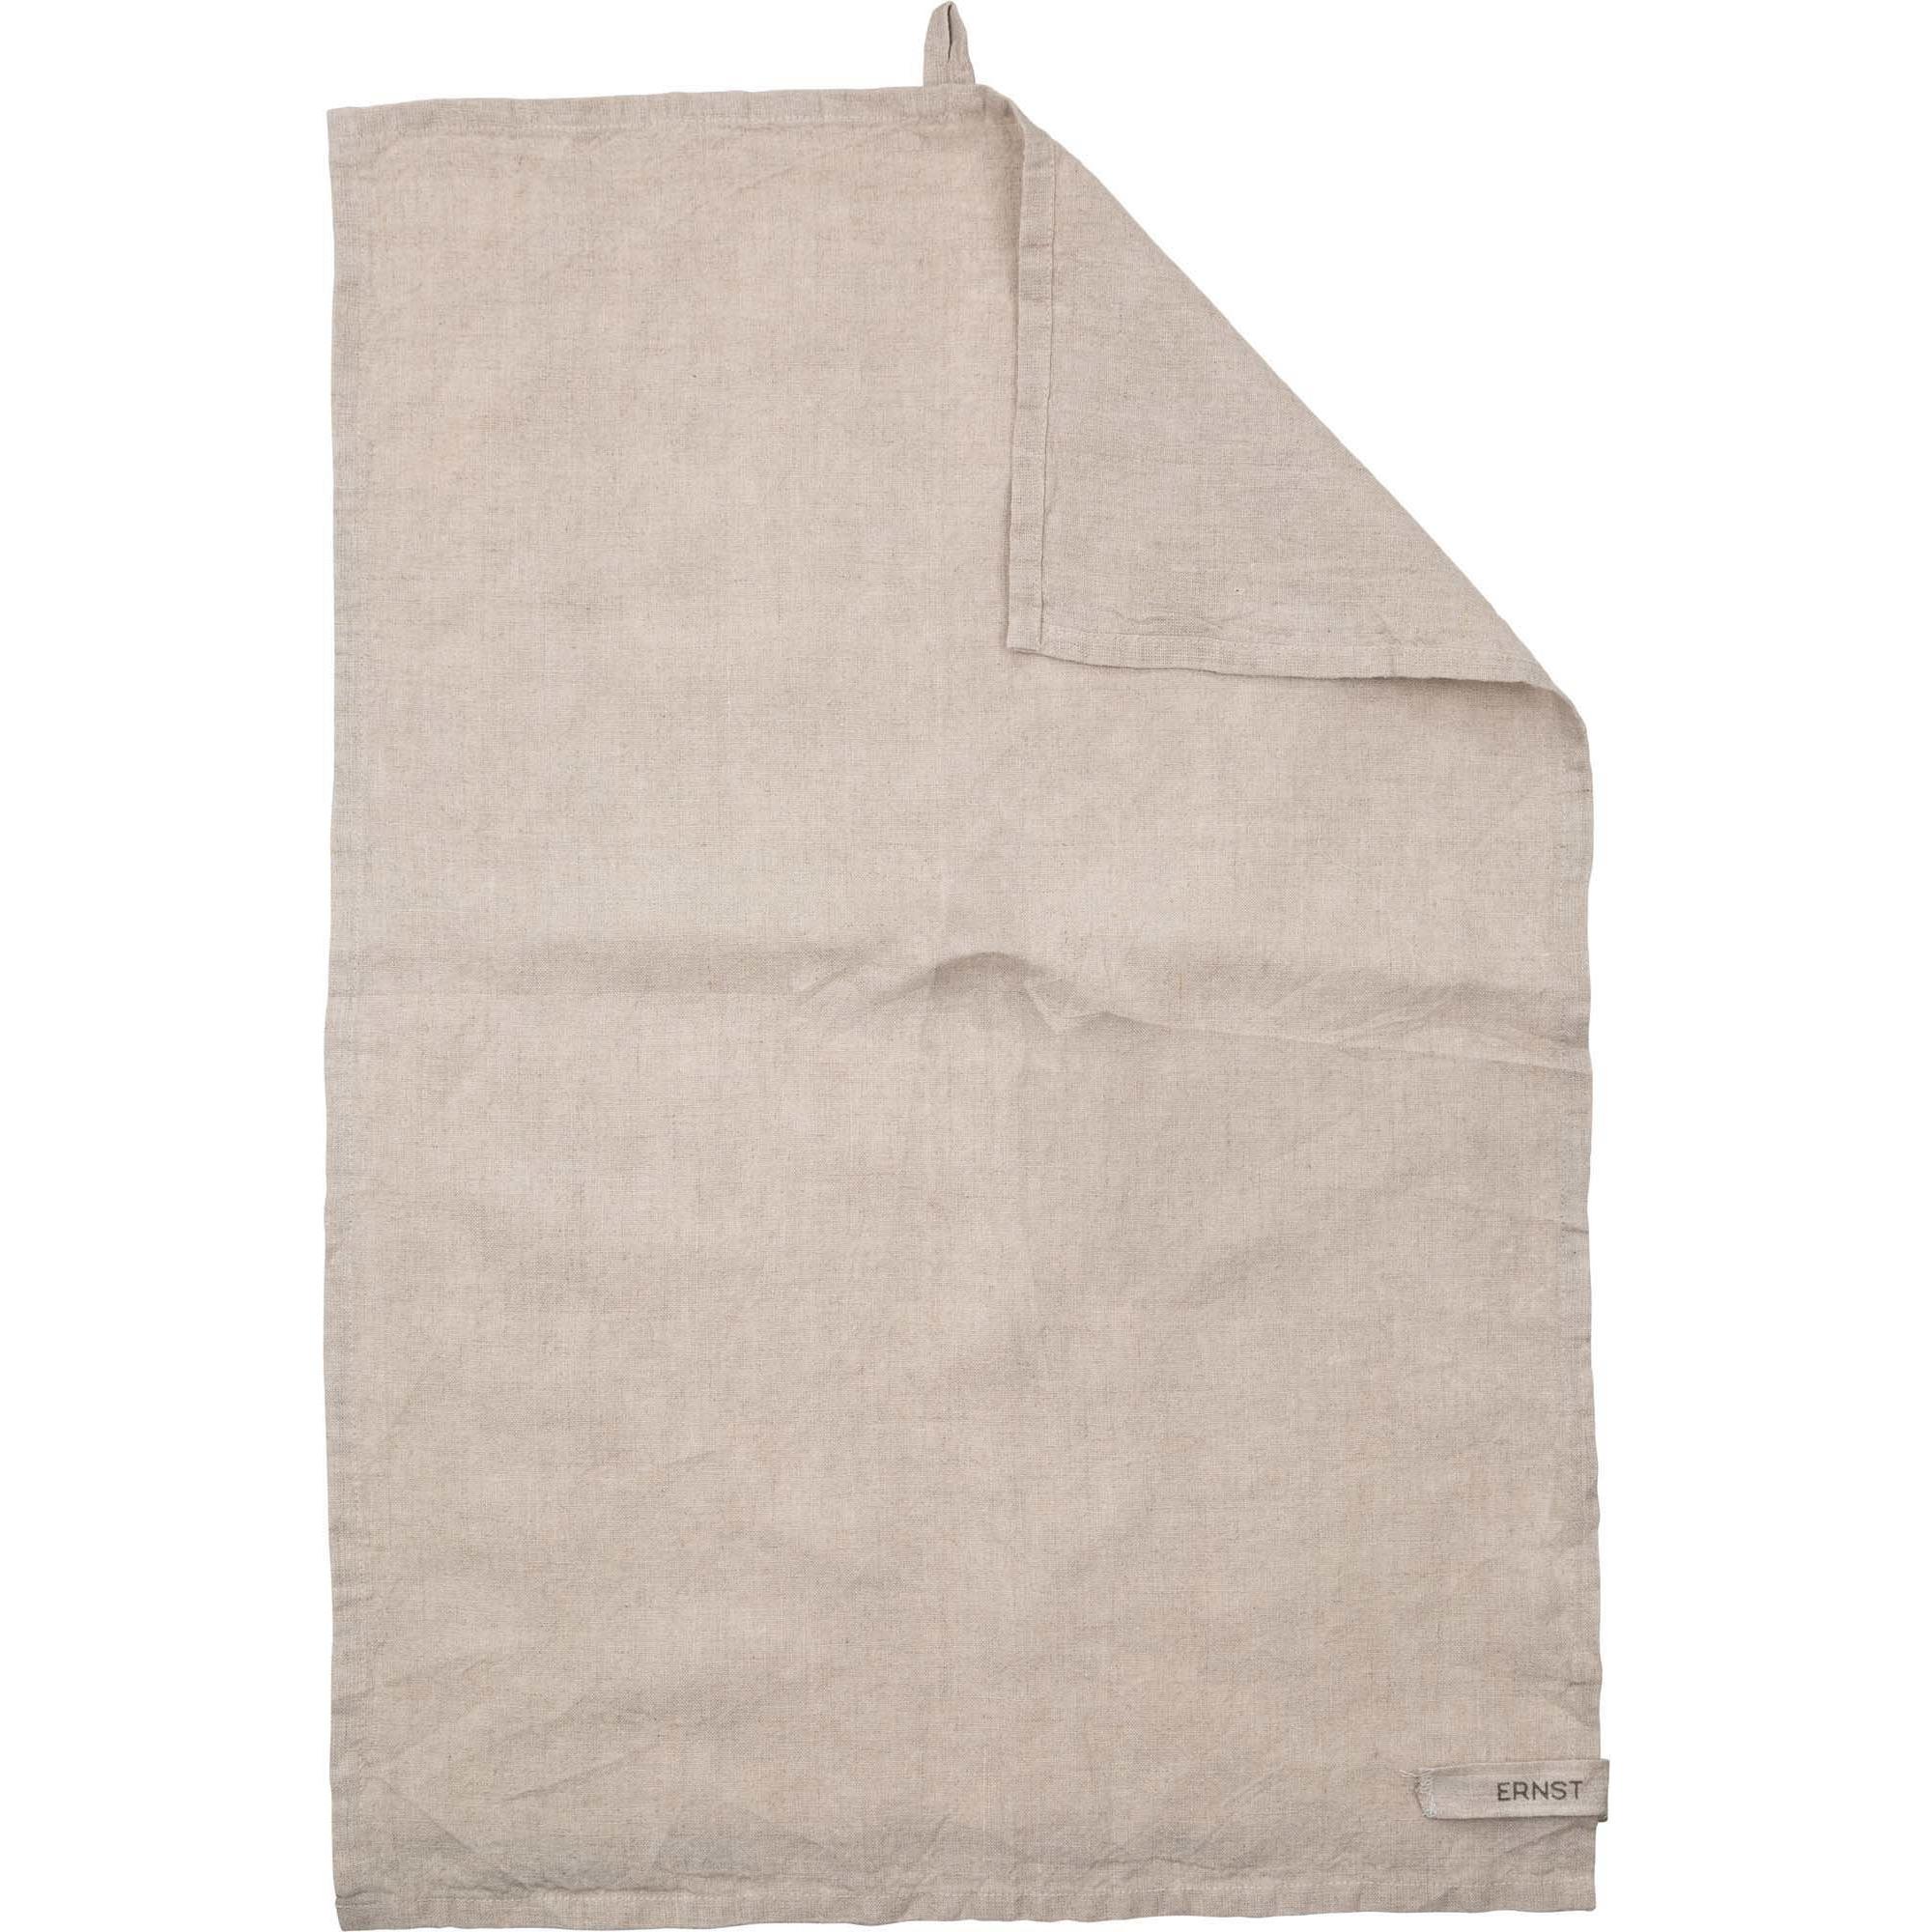 Ernst Kökshandduk linne 47×70 natur